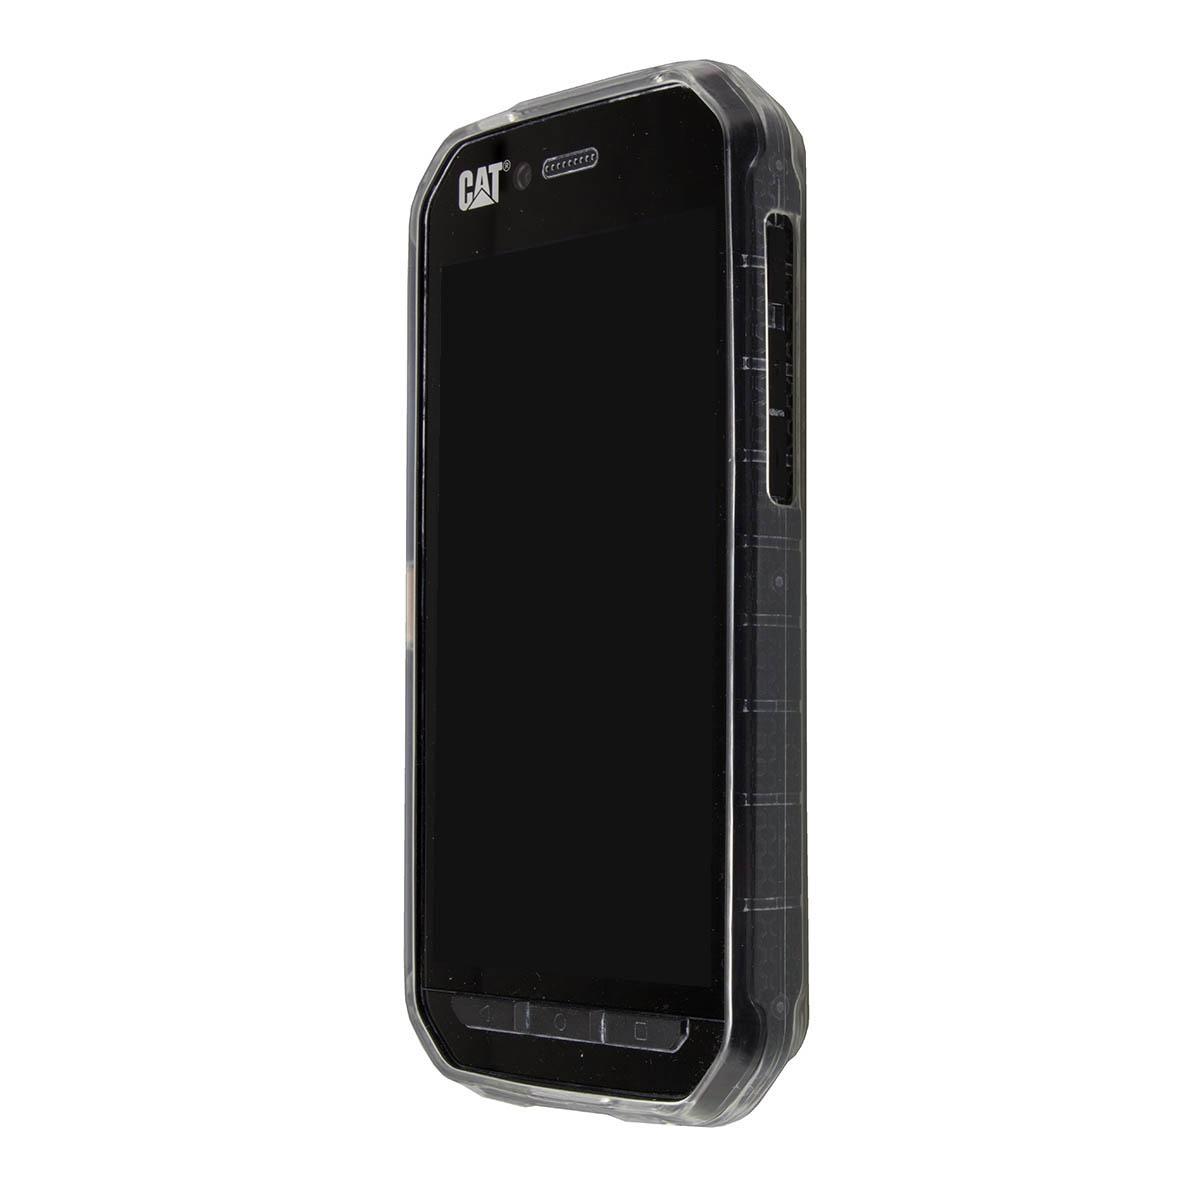 Używane telefony komórkowe, używane komórki na sprzedaż - OLX.pl - cat